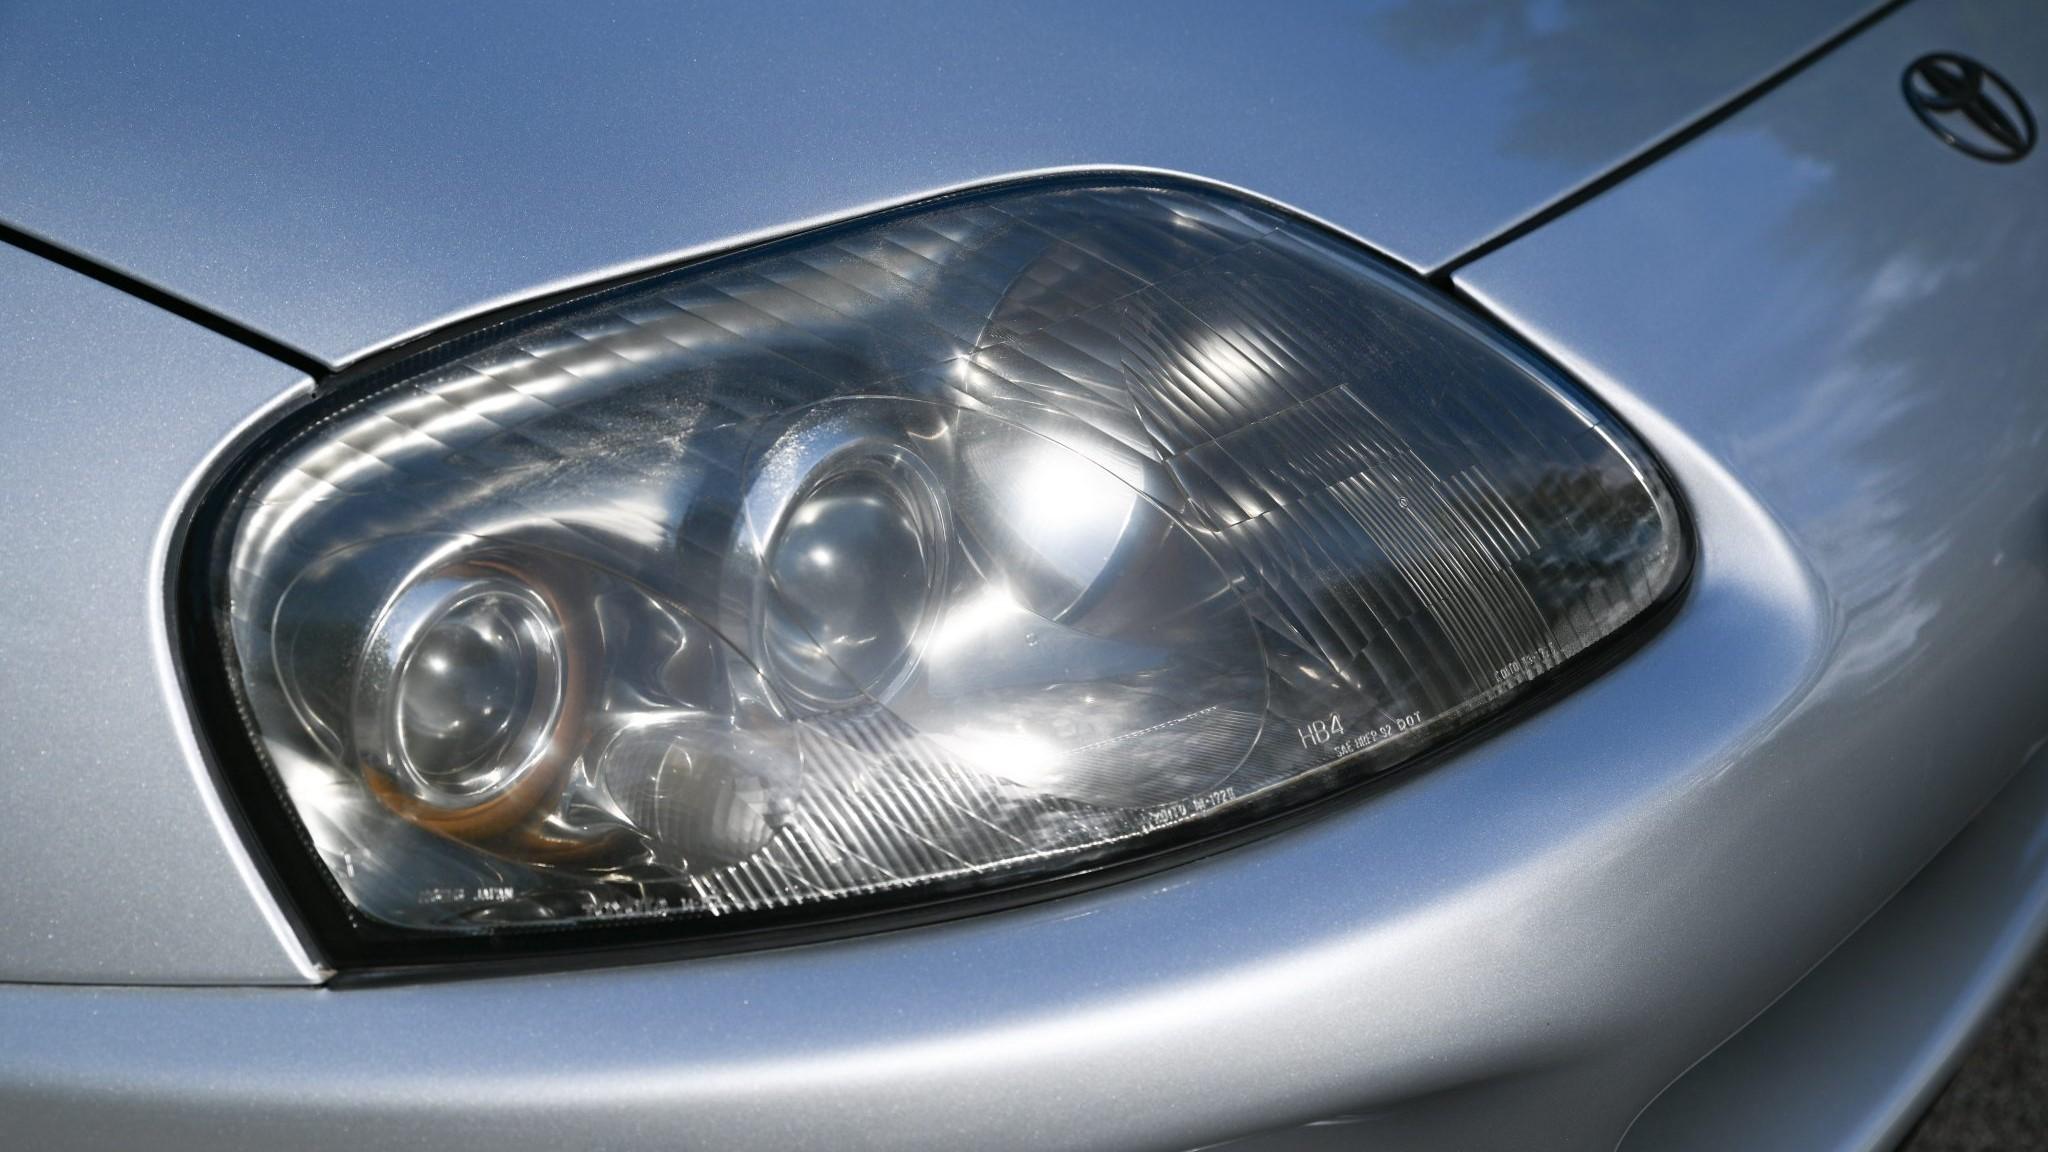 The Toyota RZ Headlamp